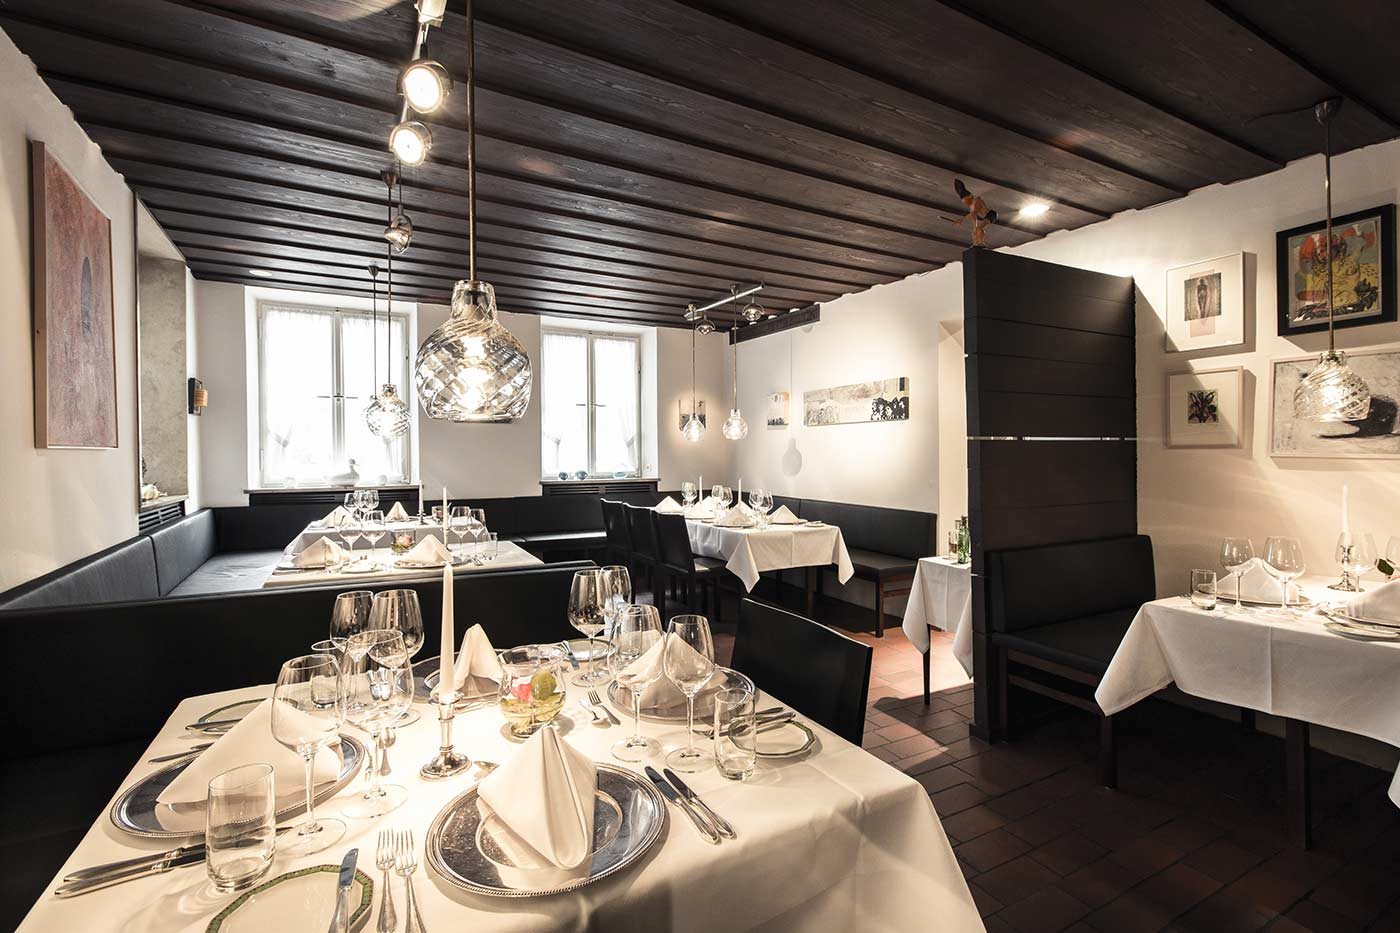 Ecke Restaurant Augsburg - Innenansicht rechter Flügel